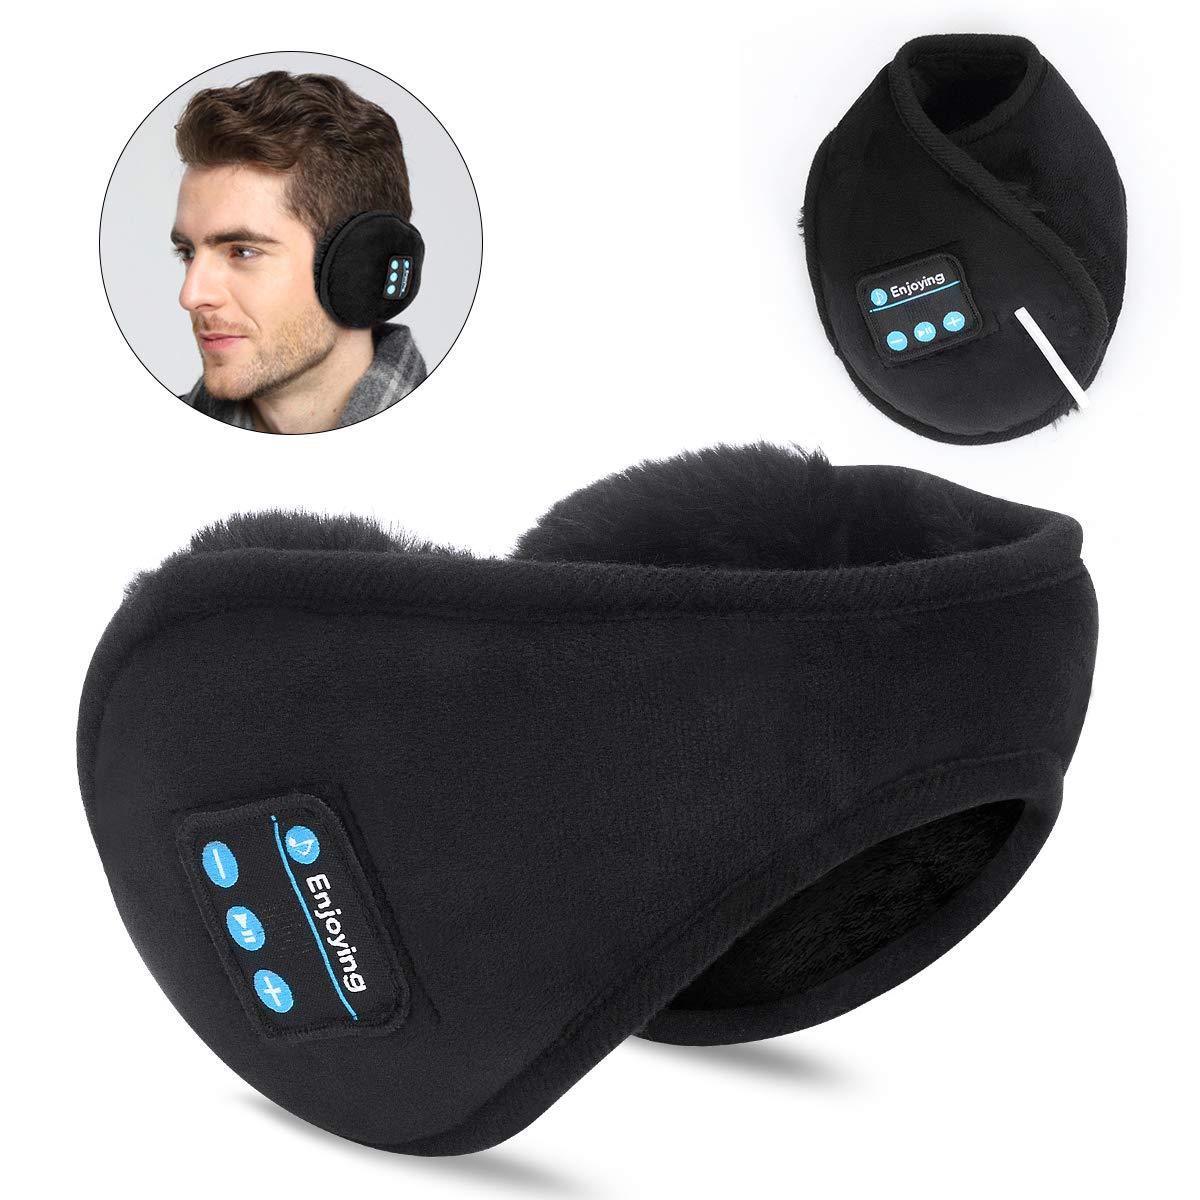 Bluetooth Earmuffs Headphones,SKYEOL Bluetooth 5.0 Wireless HD Stereo Music Ear Warmer, Foldable Wool Warmer with Mic Built-in Stereo Speakers for Winter Outdoor Men Women & Kids